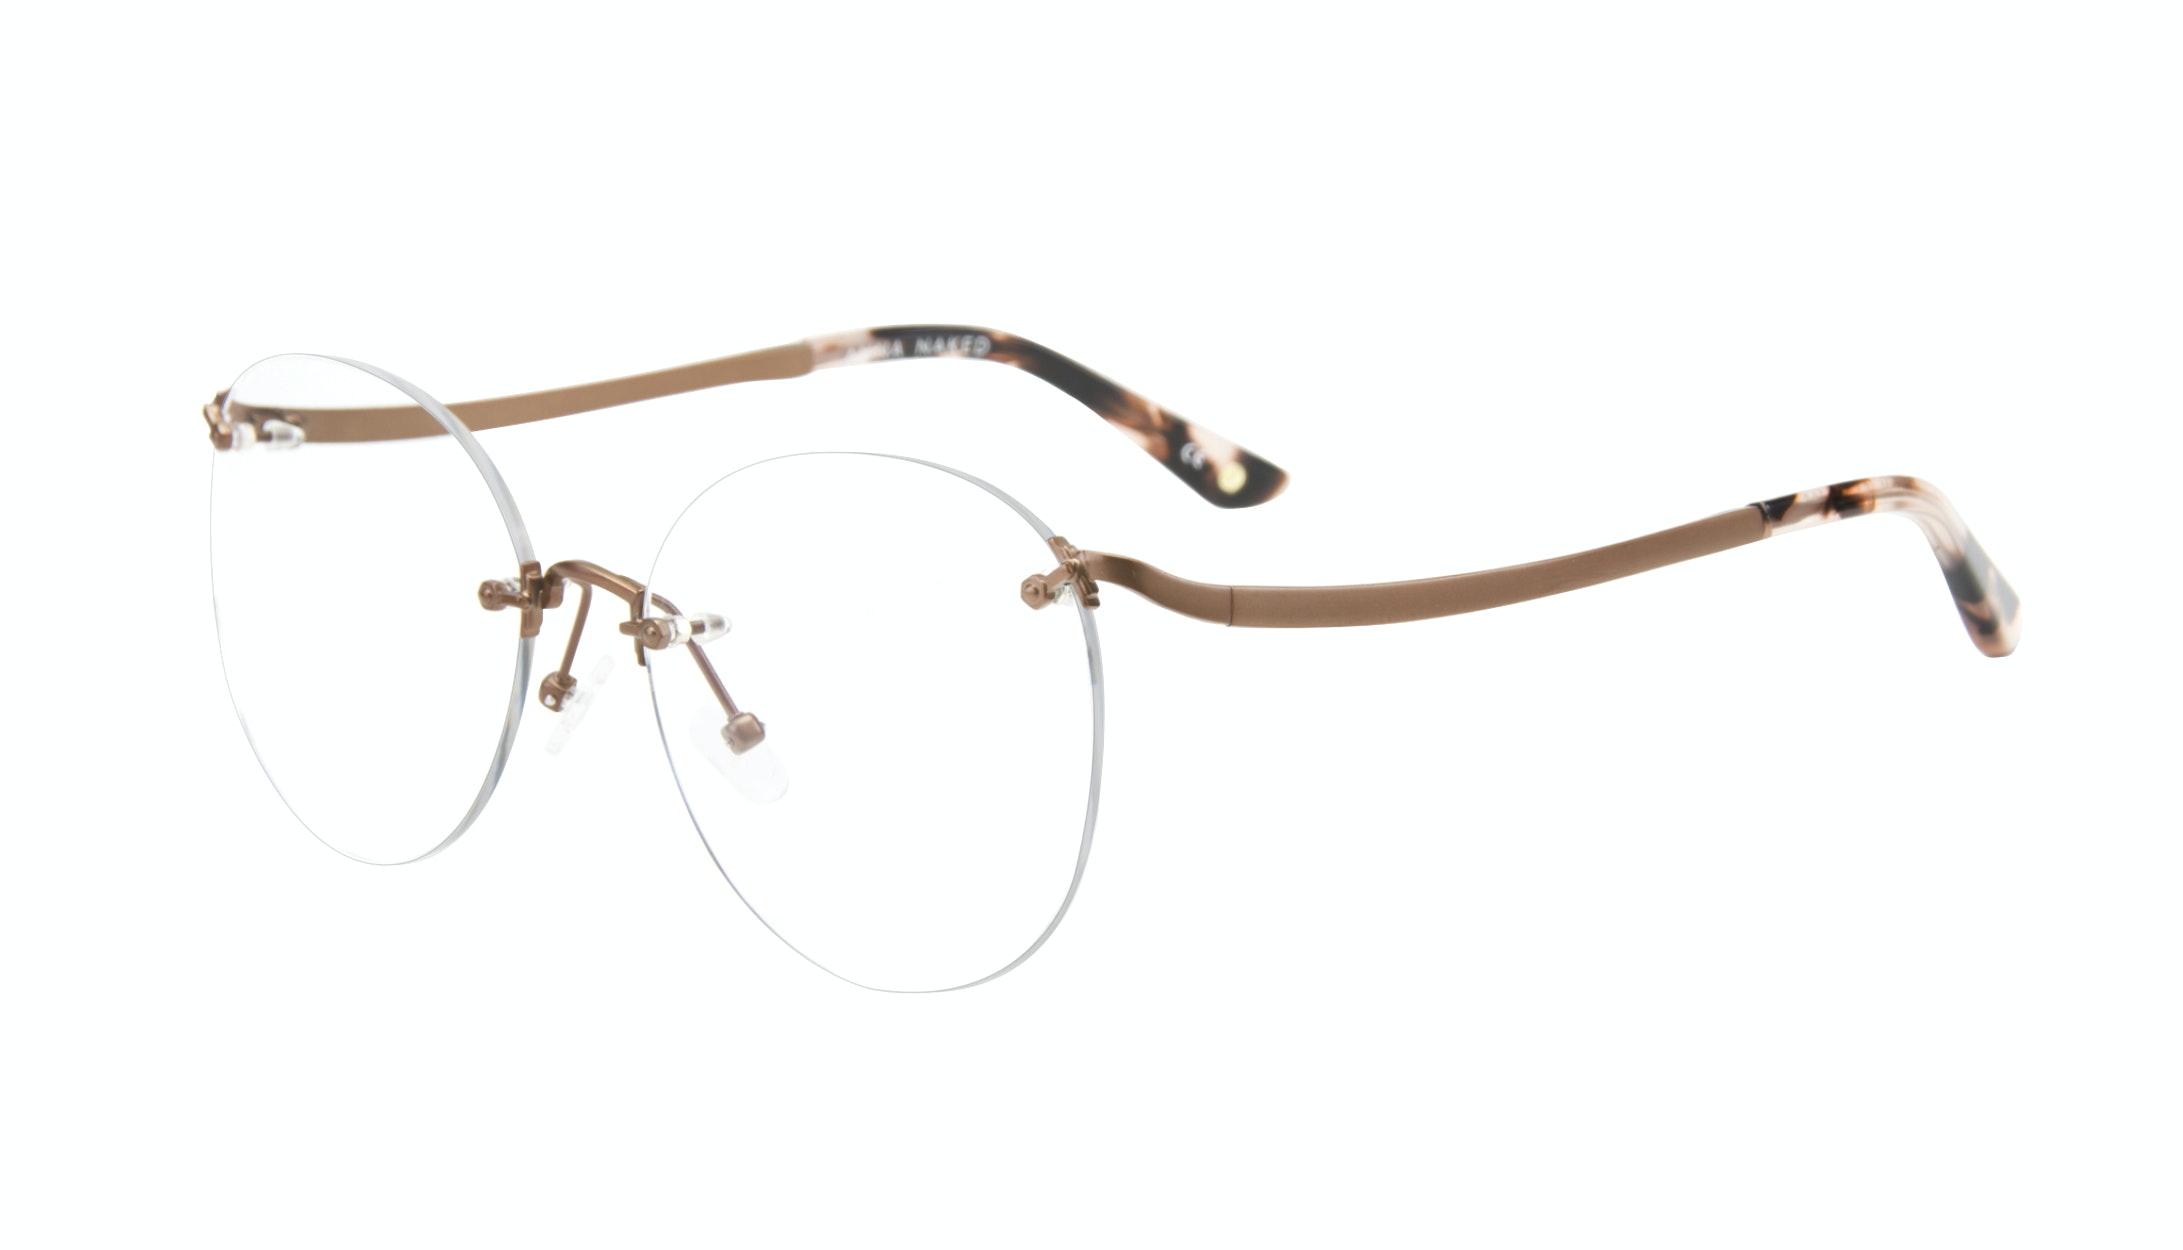 Affordable Fashion Glasses Aviator Eyeglasses Women Anna Naked Tilt